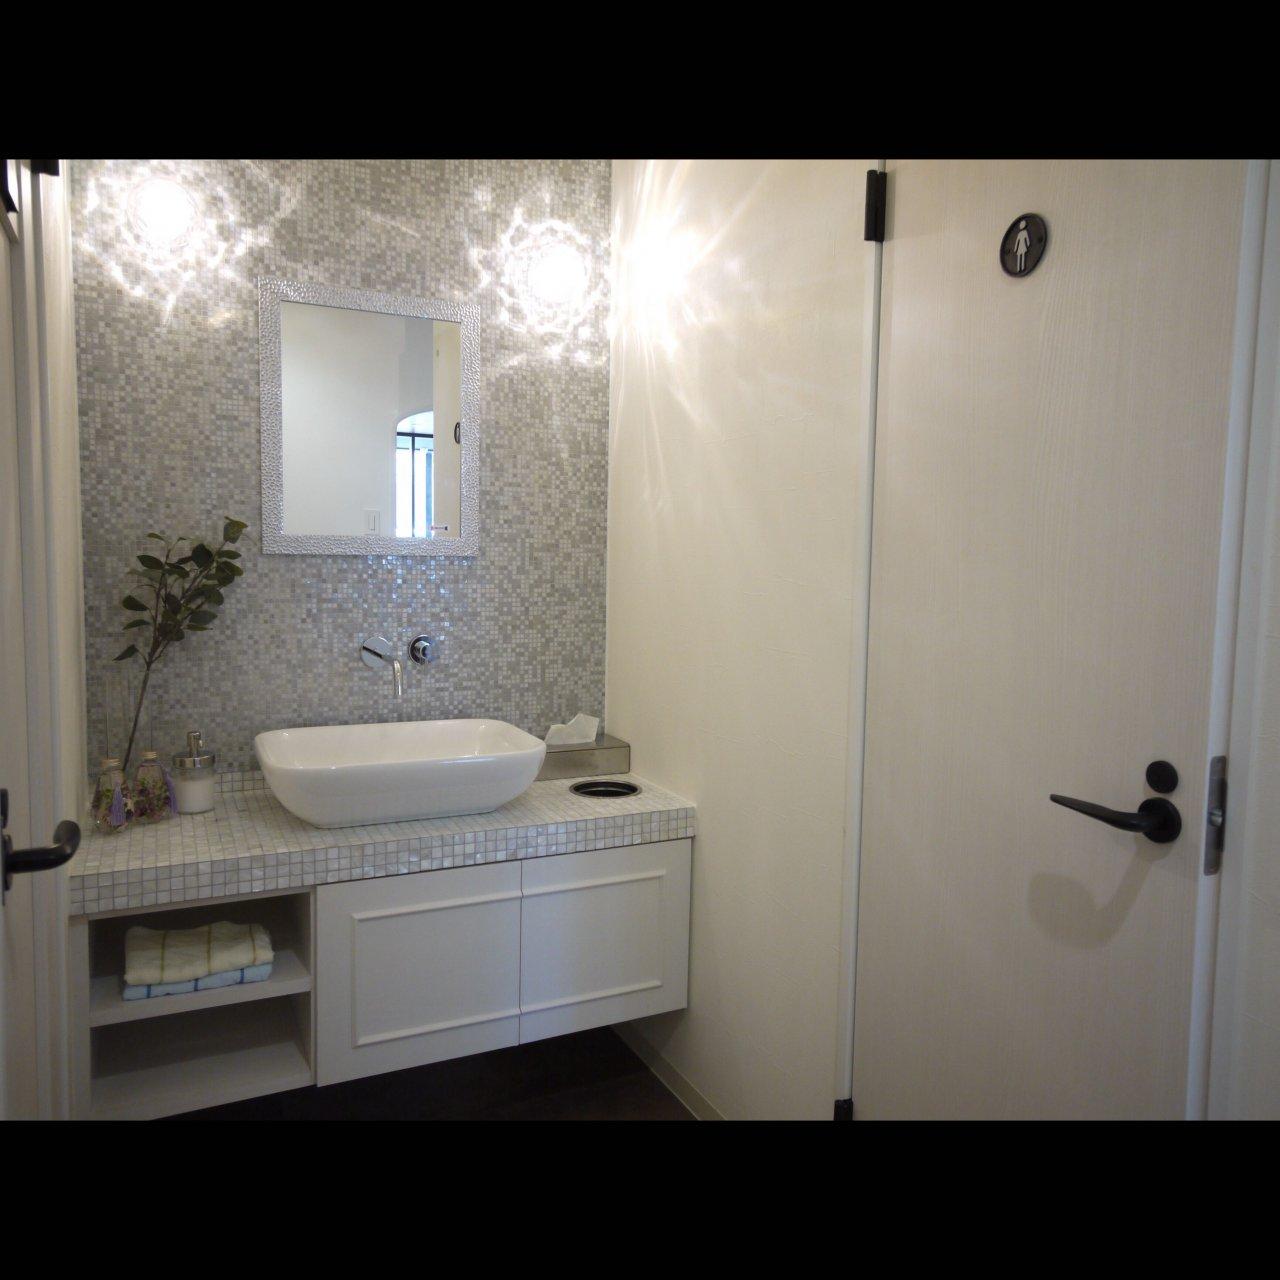 リノベ不動産|General Act Design ショールーム8 造作洗面はガラスモザイクとシェルタイルで非日常な空間